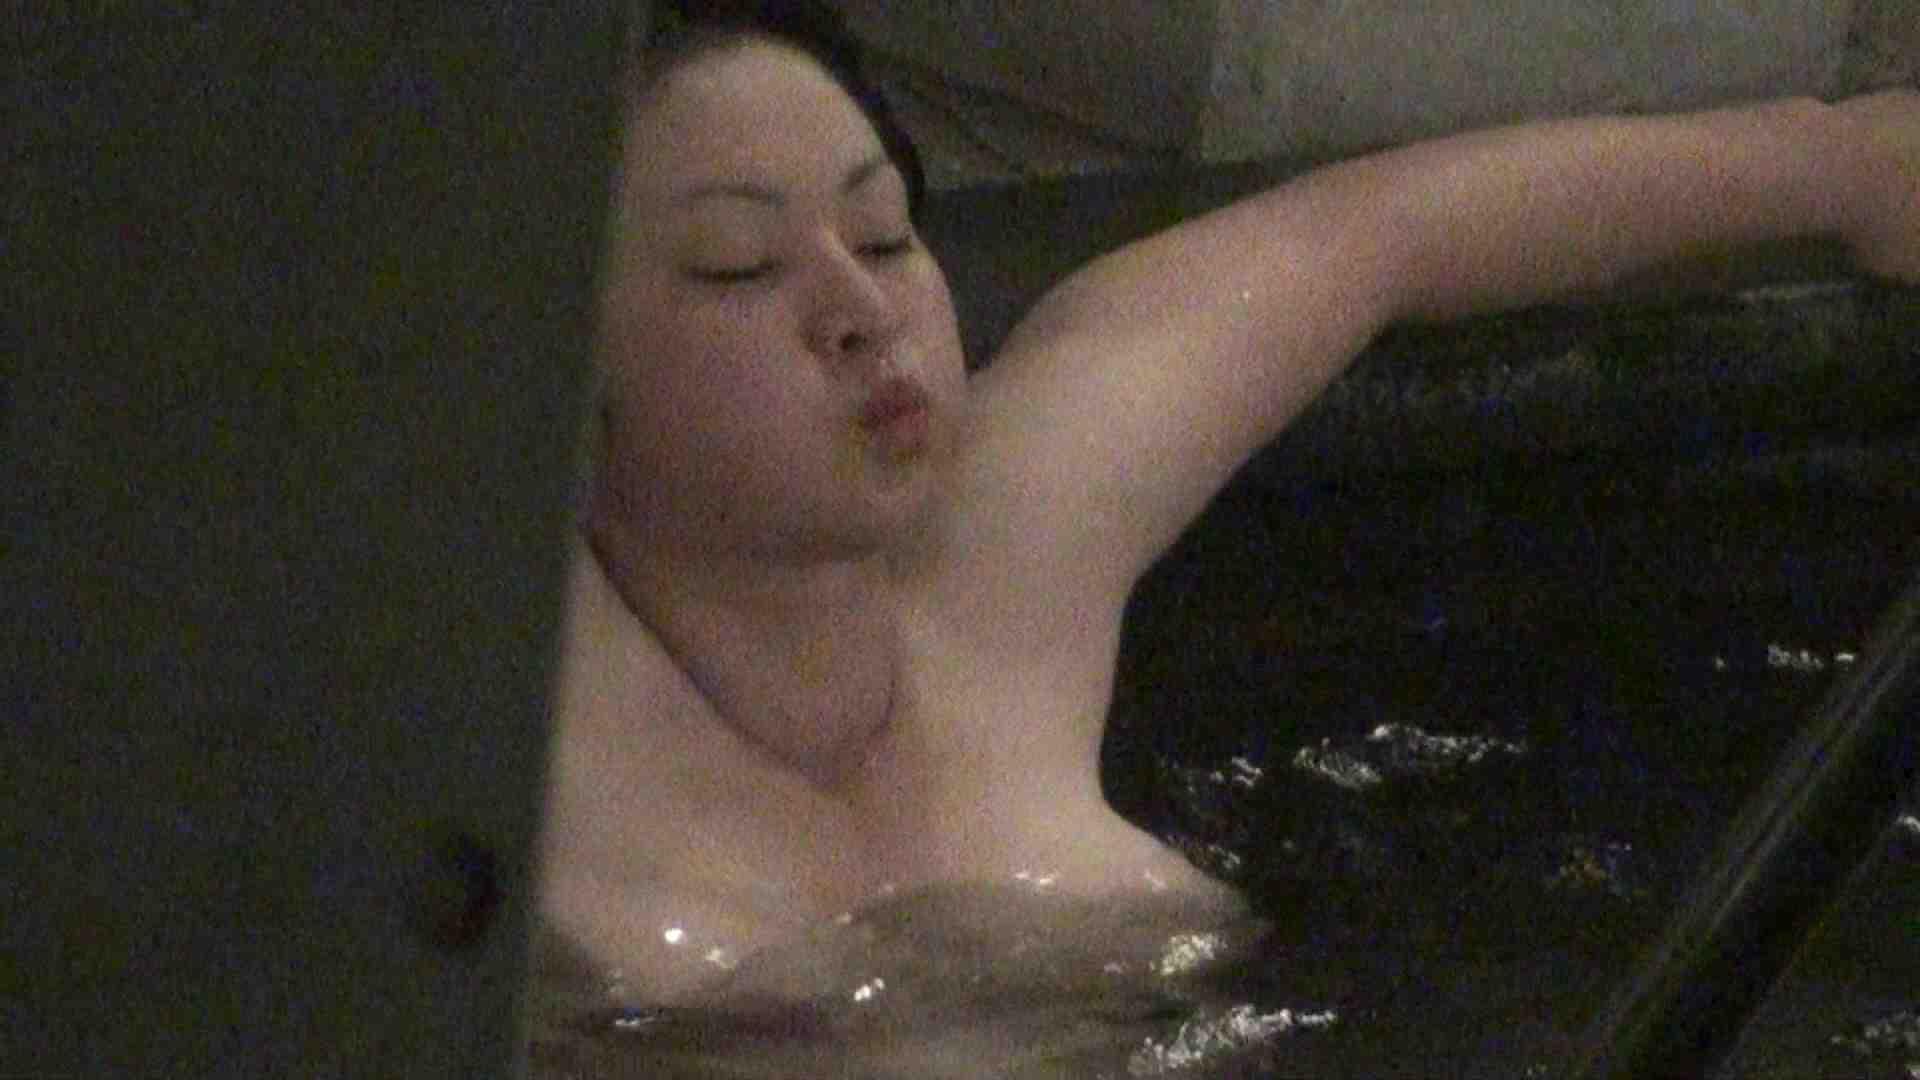 Aquaな露天風呂Vol.338 0   0  101pic 76